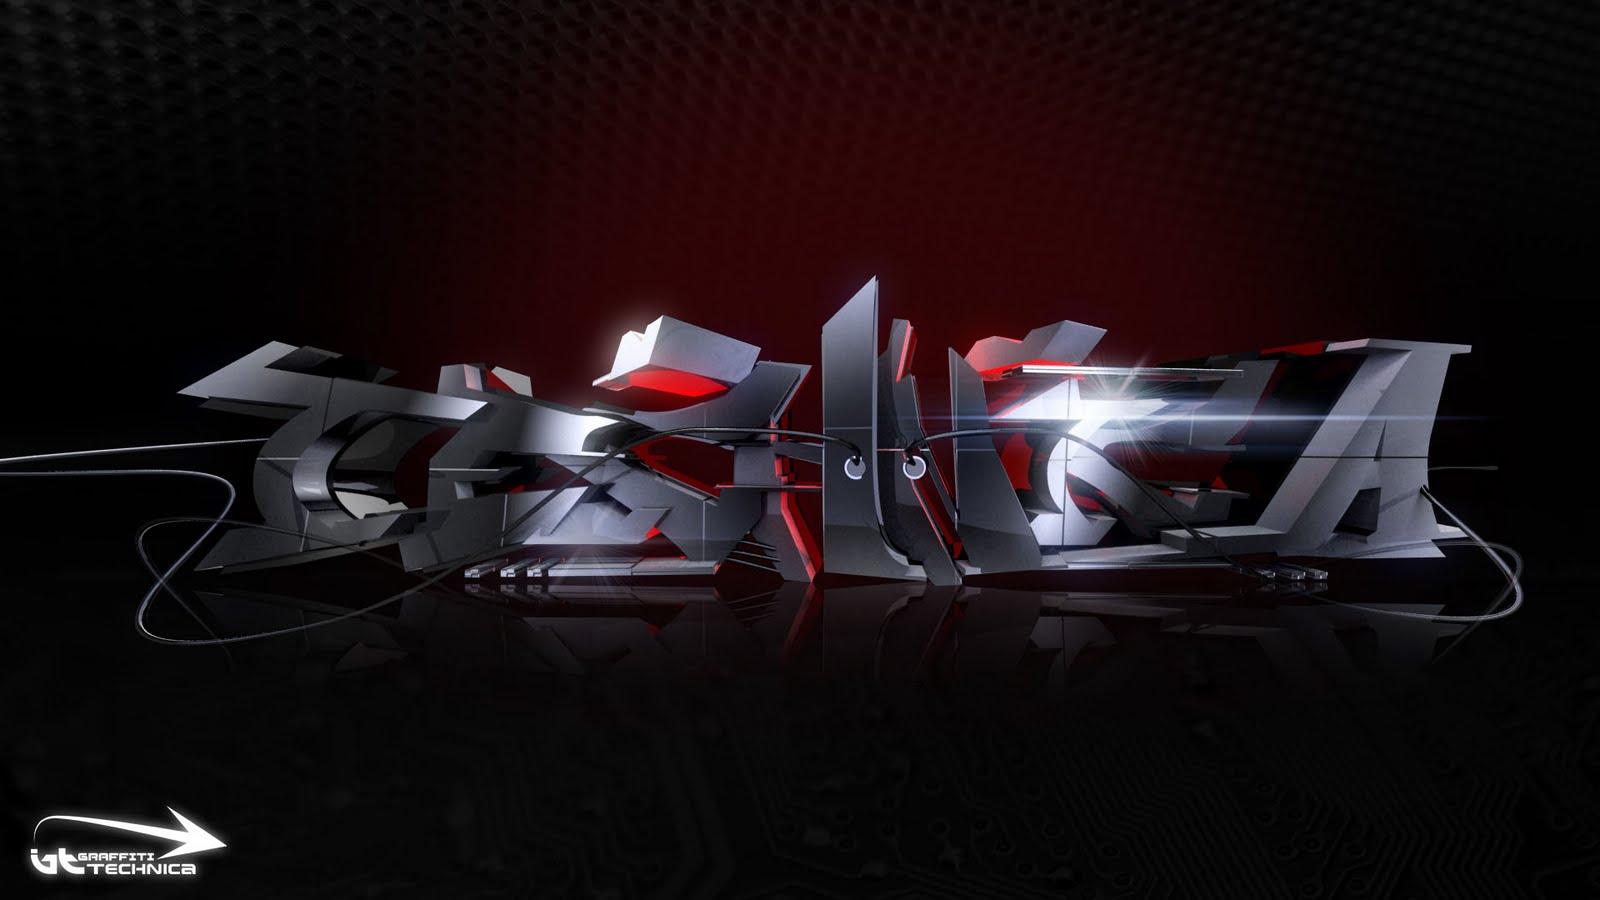 http://3.bp.blogspot.com/_gRl1tLJOW7Q/TKml_8CoEYI/AAAAAAAAAuI/0ItiPJQrmRM/s1600/18_graffiti_technica_full_black_wallpaper_raj.jpg